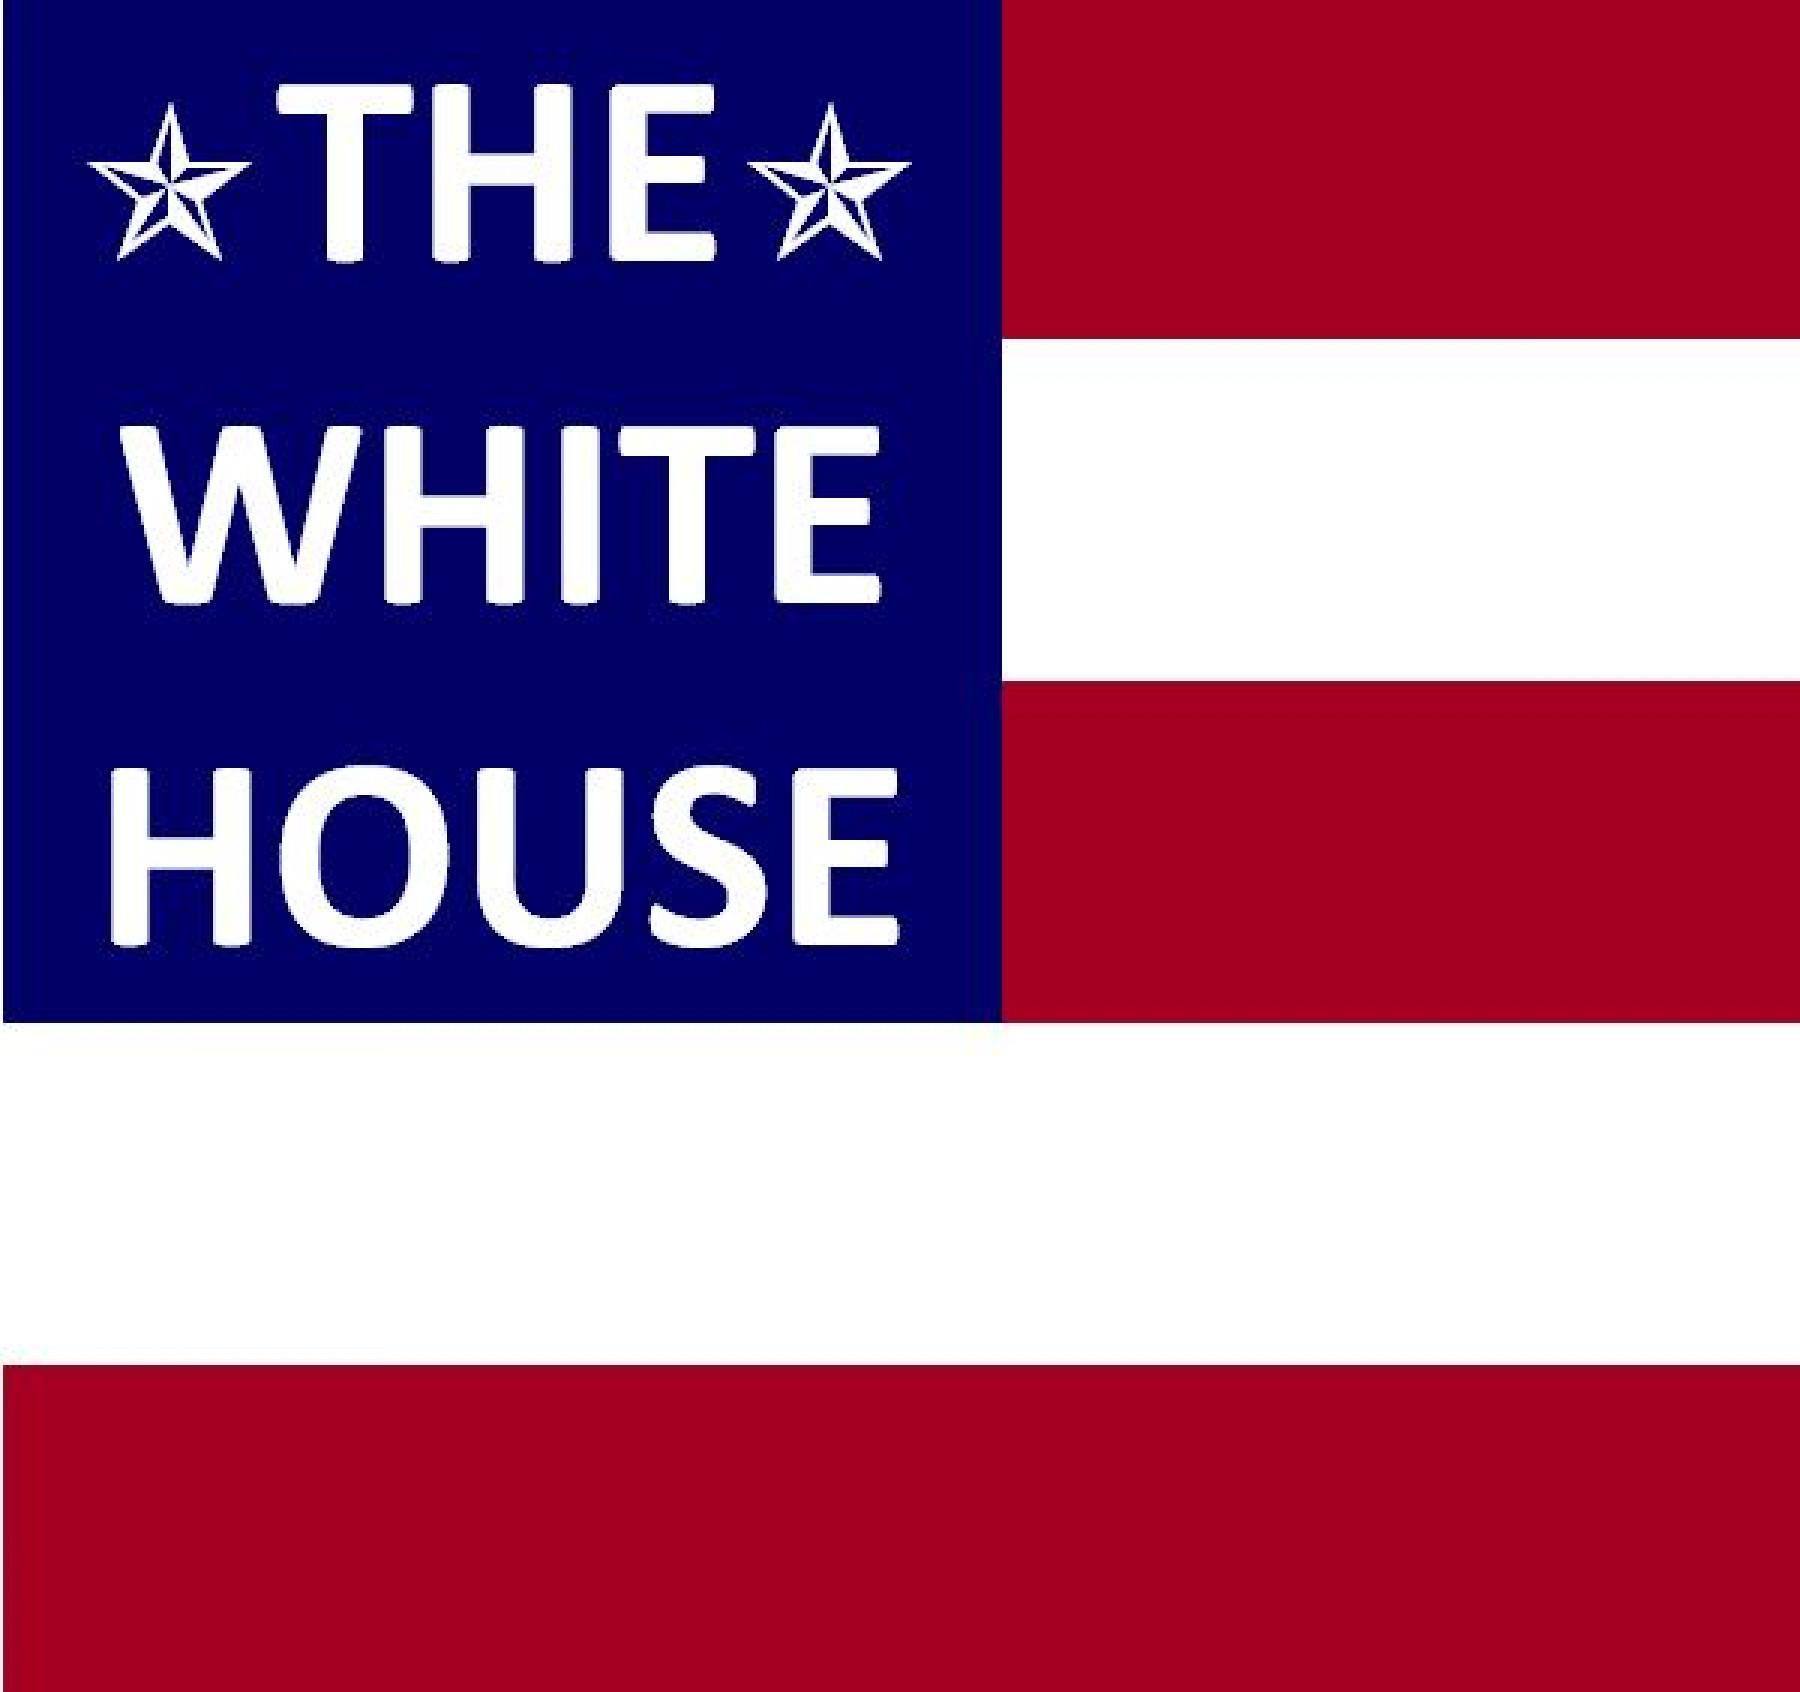 Bild Logo von: THE WHITE HOUSE